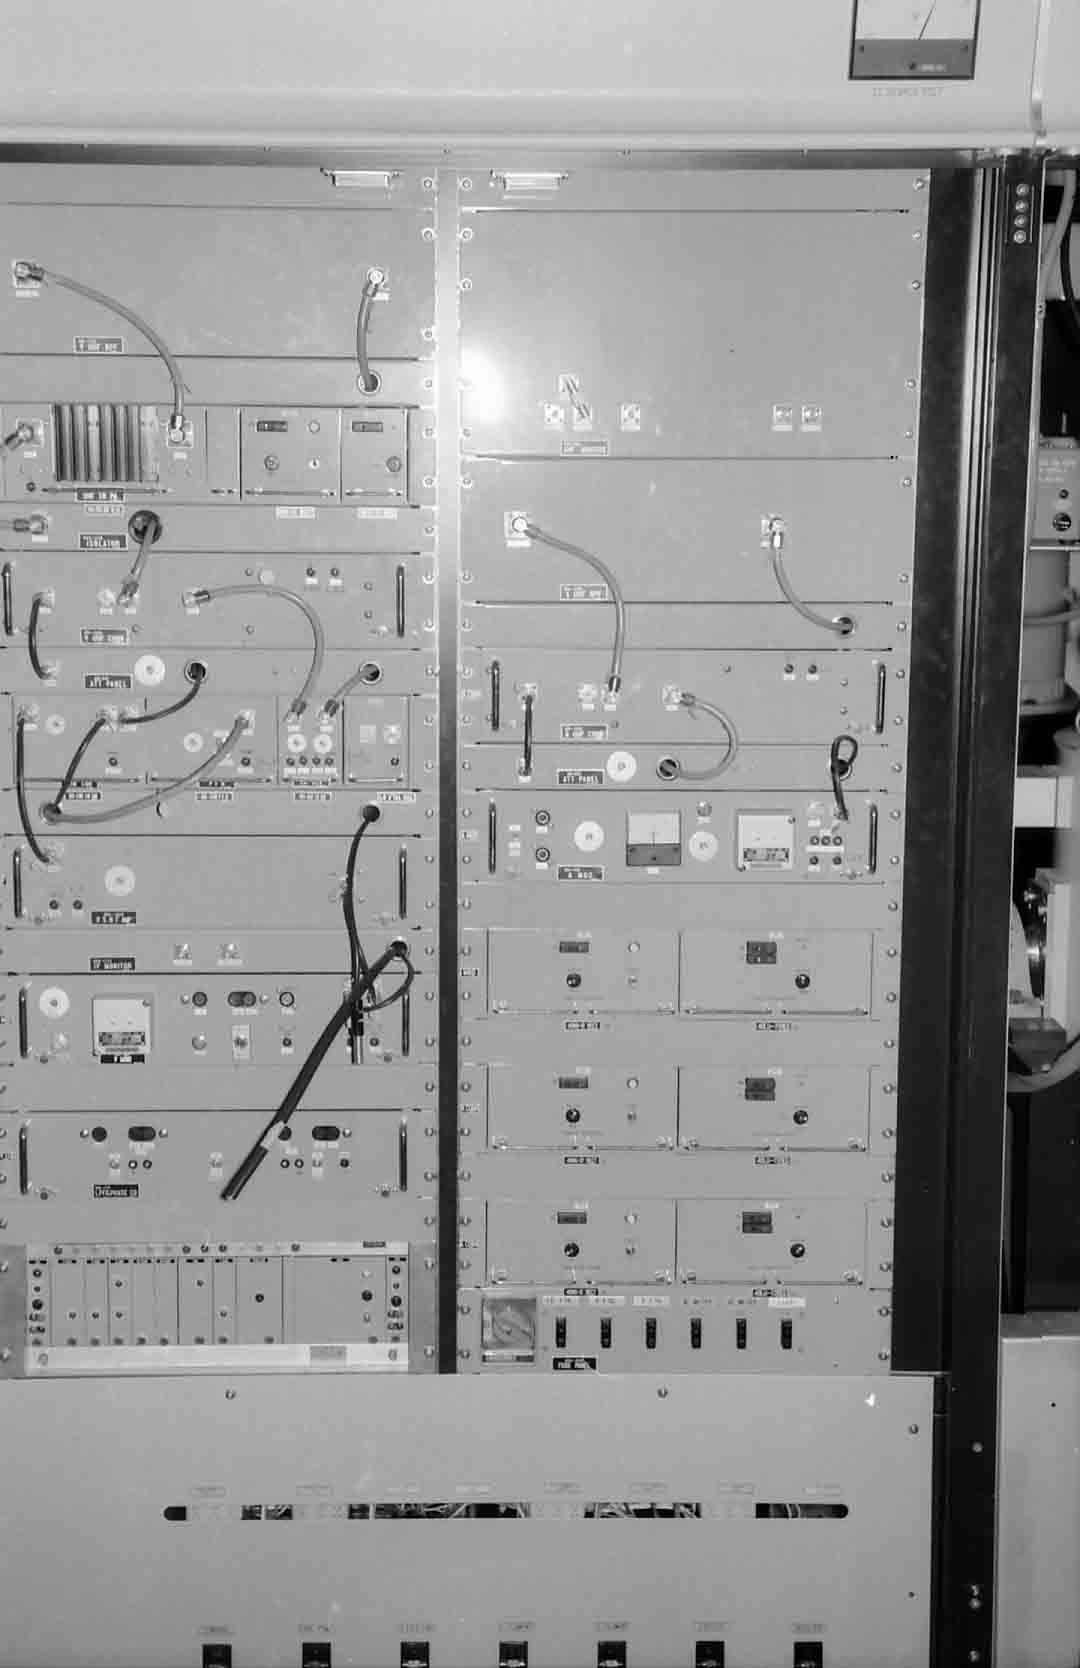 SRHS Forum Lahden radio ja tv museo aukeaa kesäksi 6.5.2014